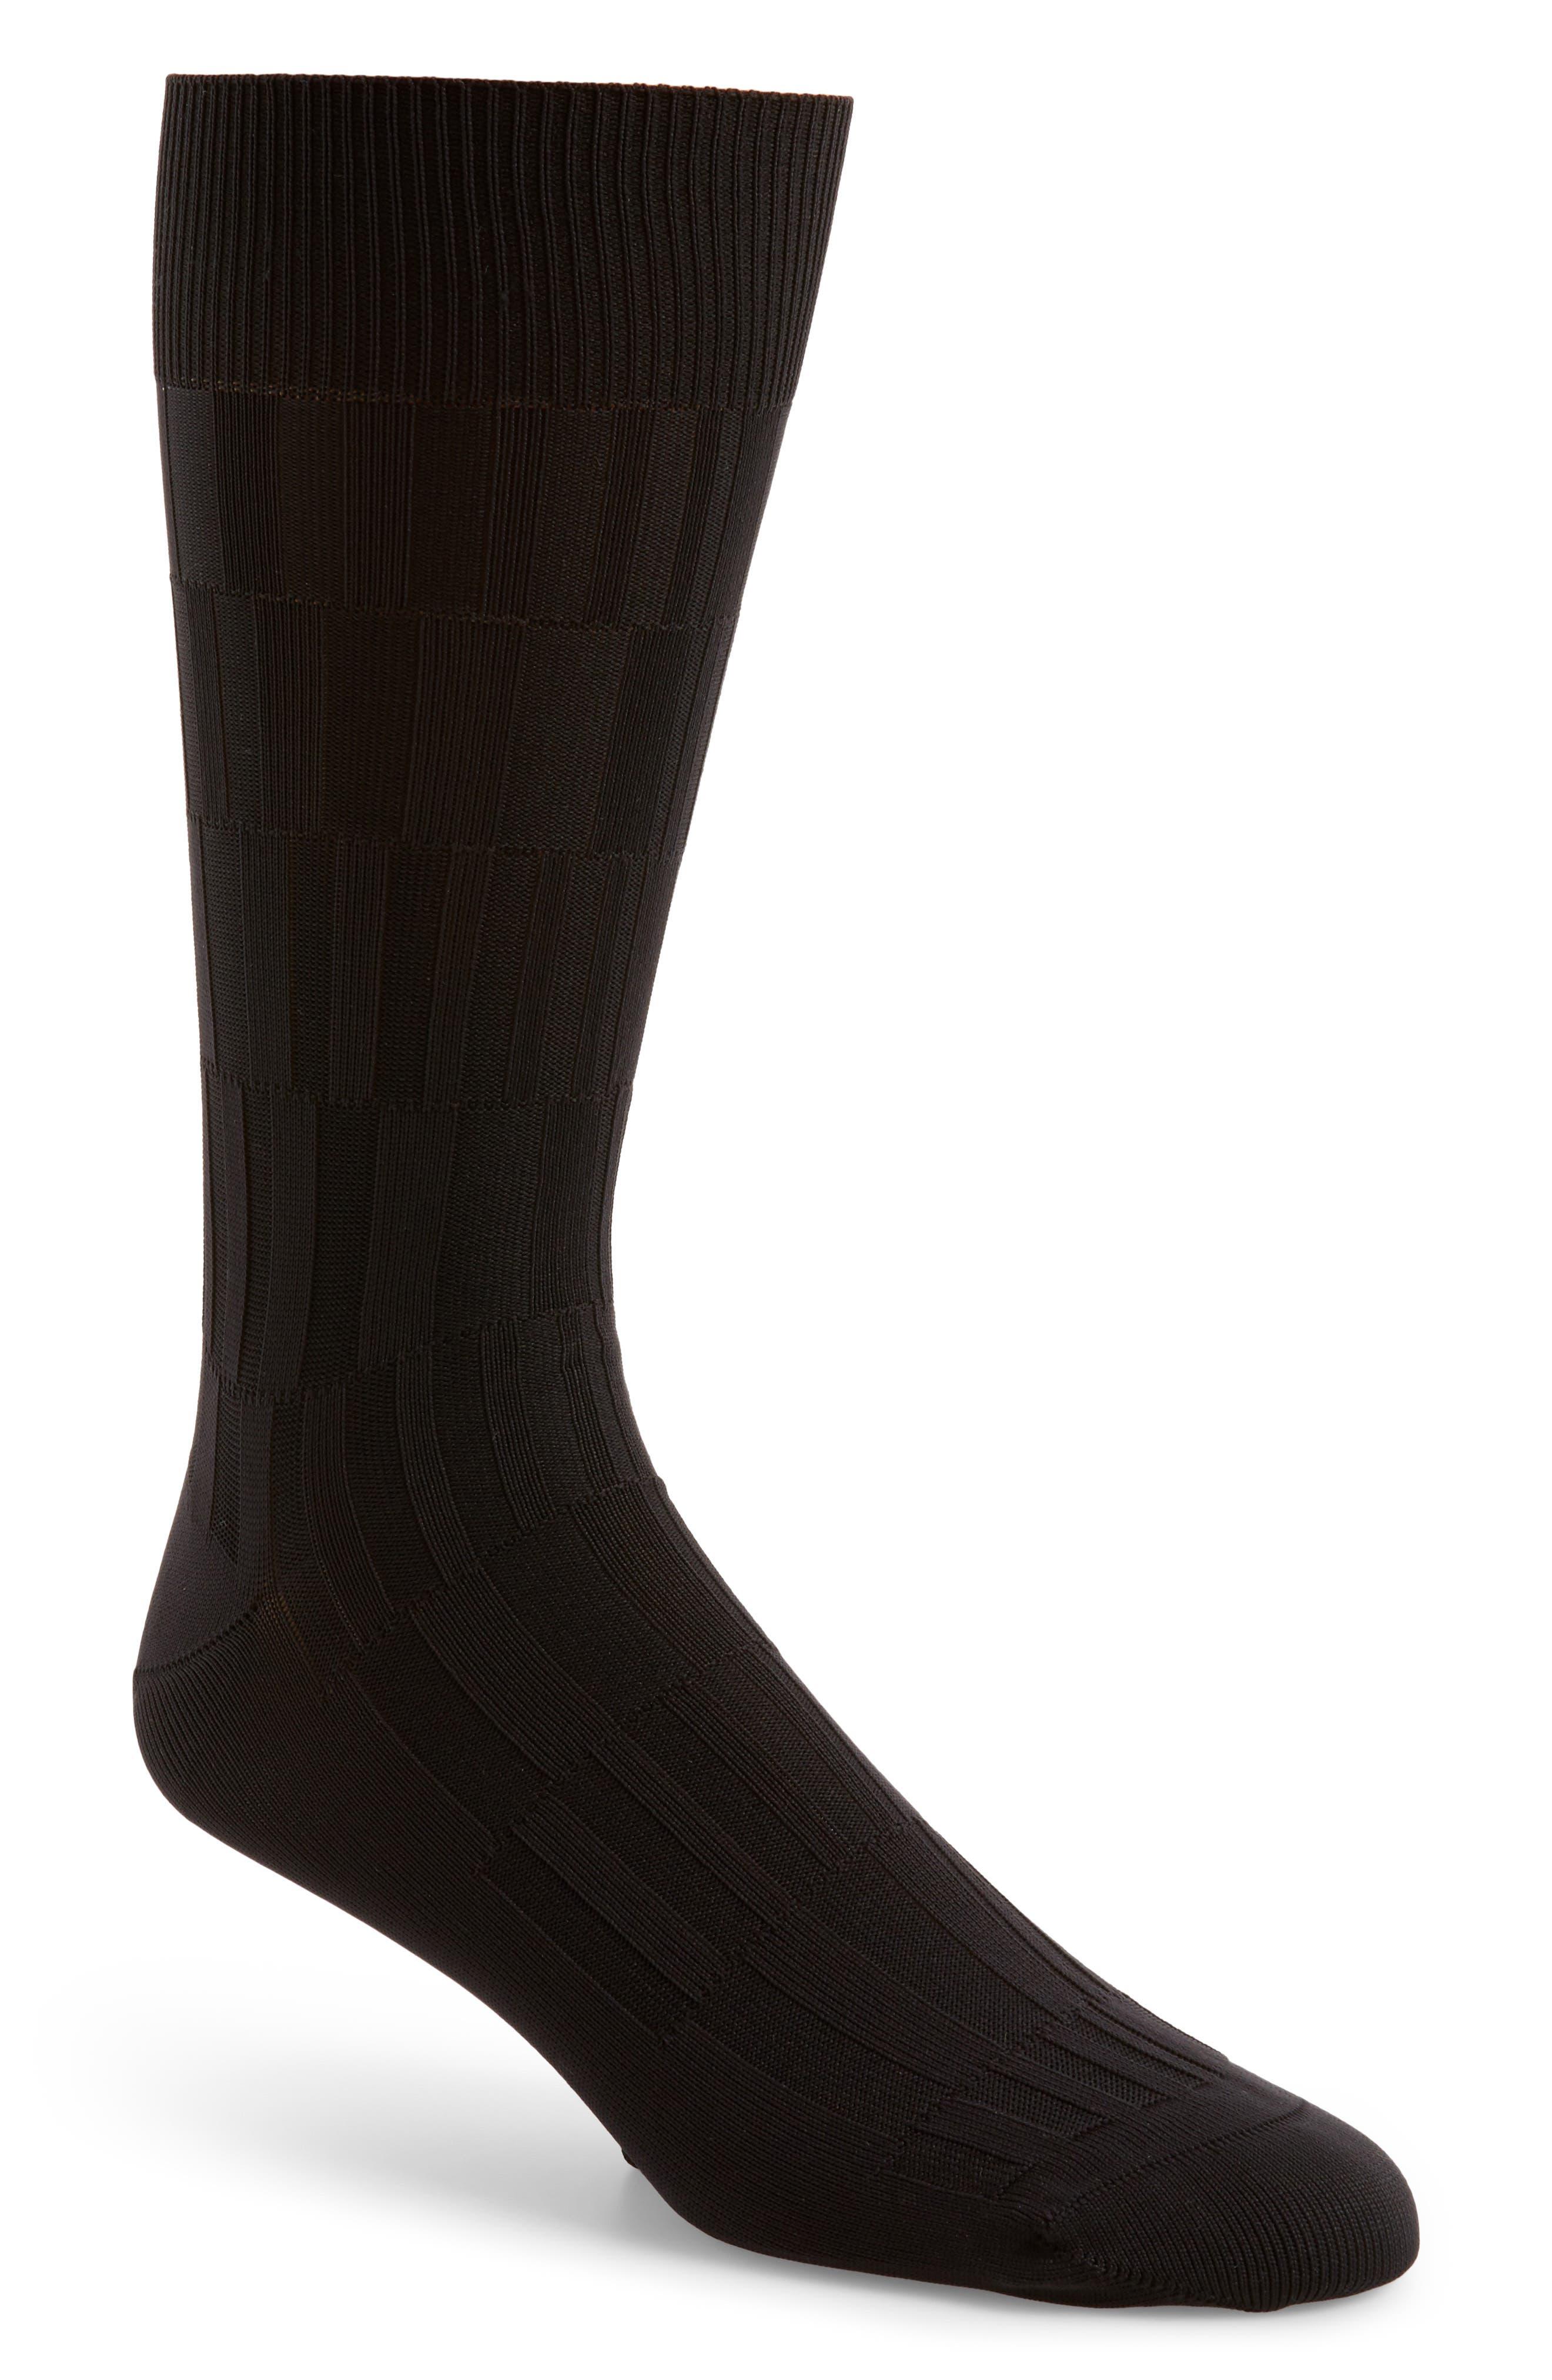 Bar Texture Socks,                             Main thumbnail 1, color,                             001